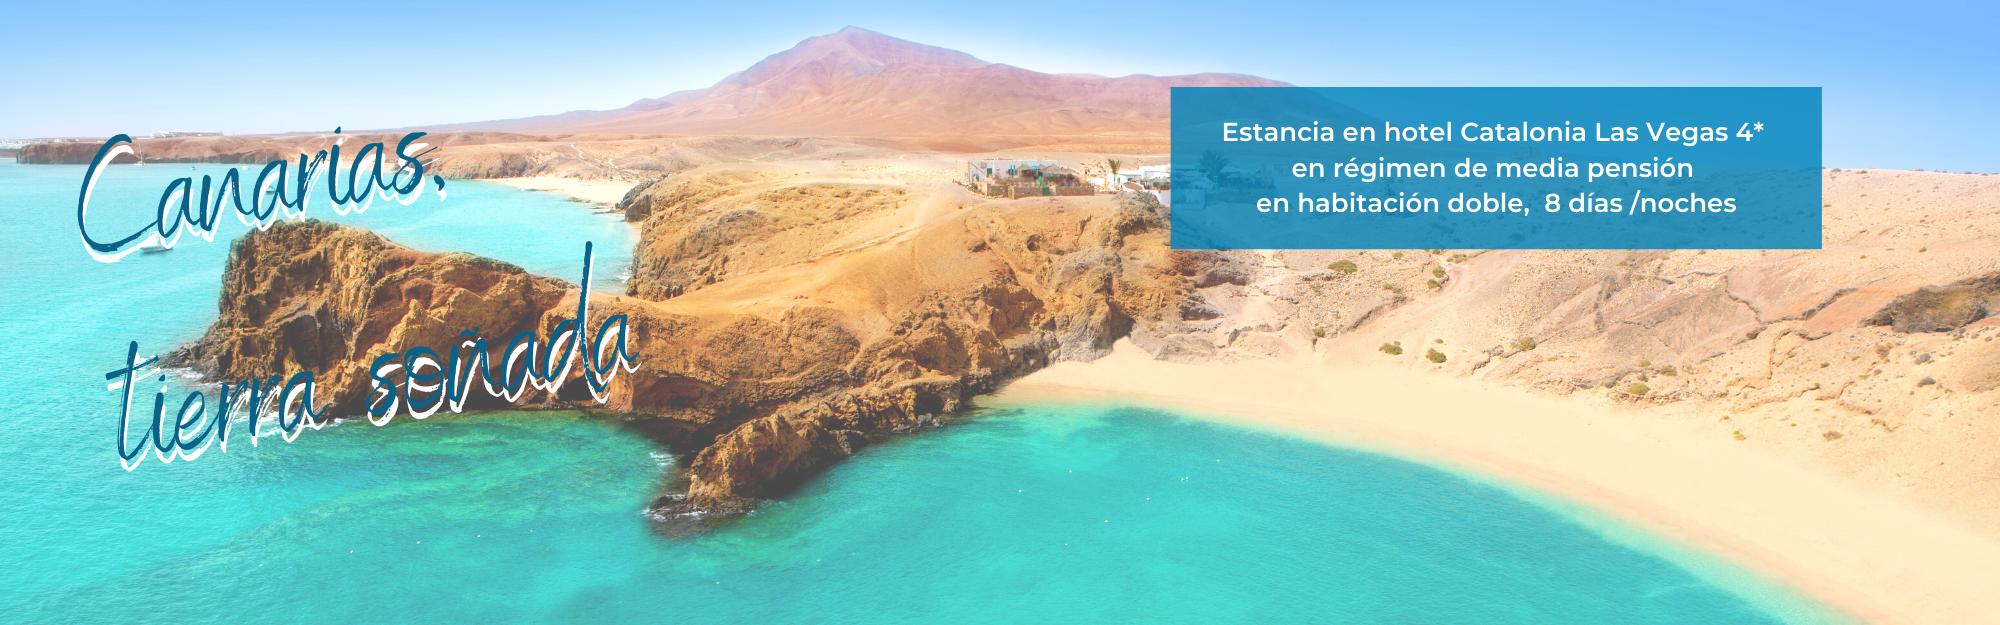 Canarias, tierra soñada